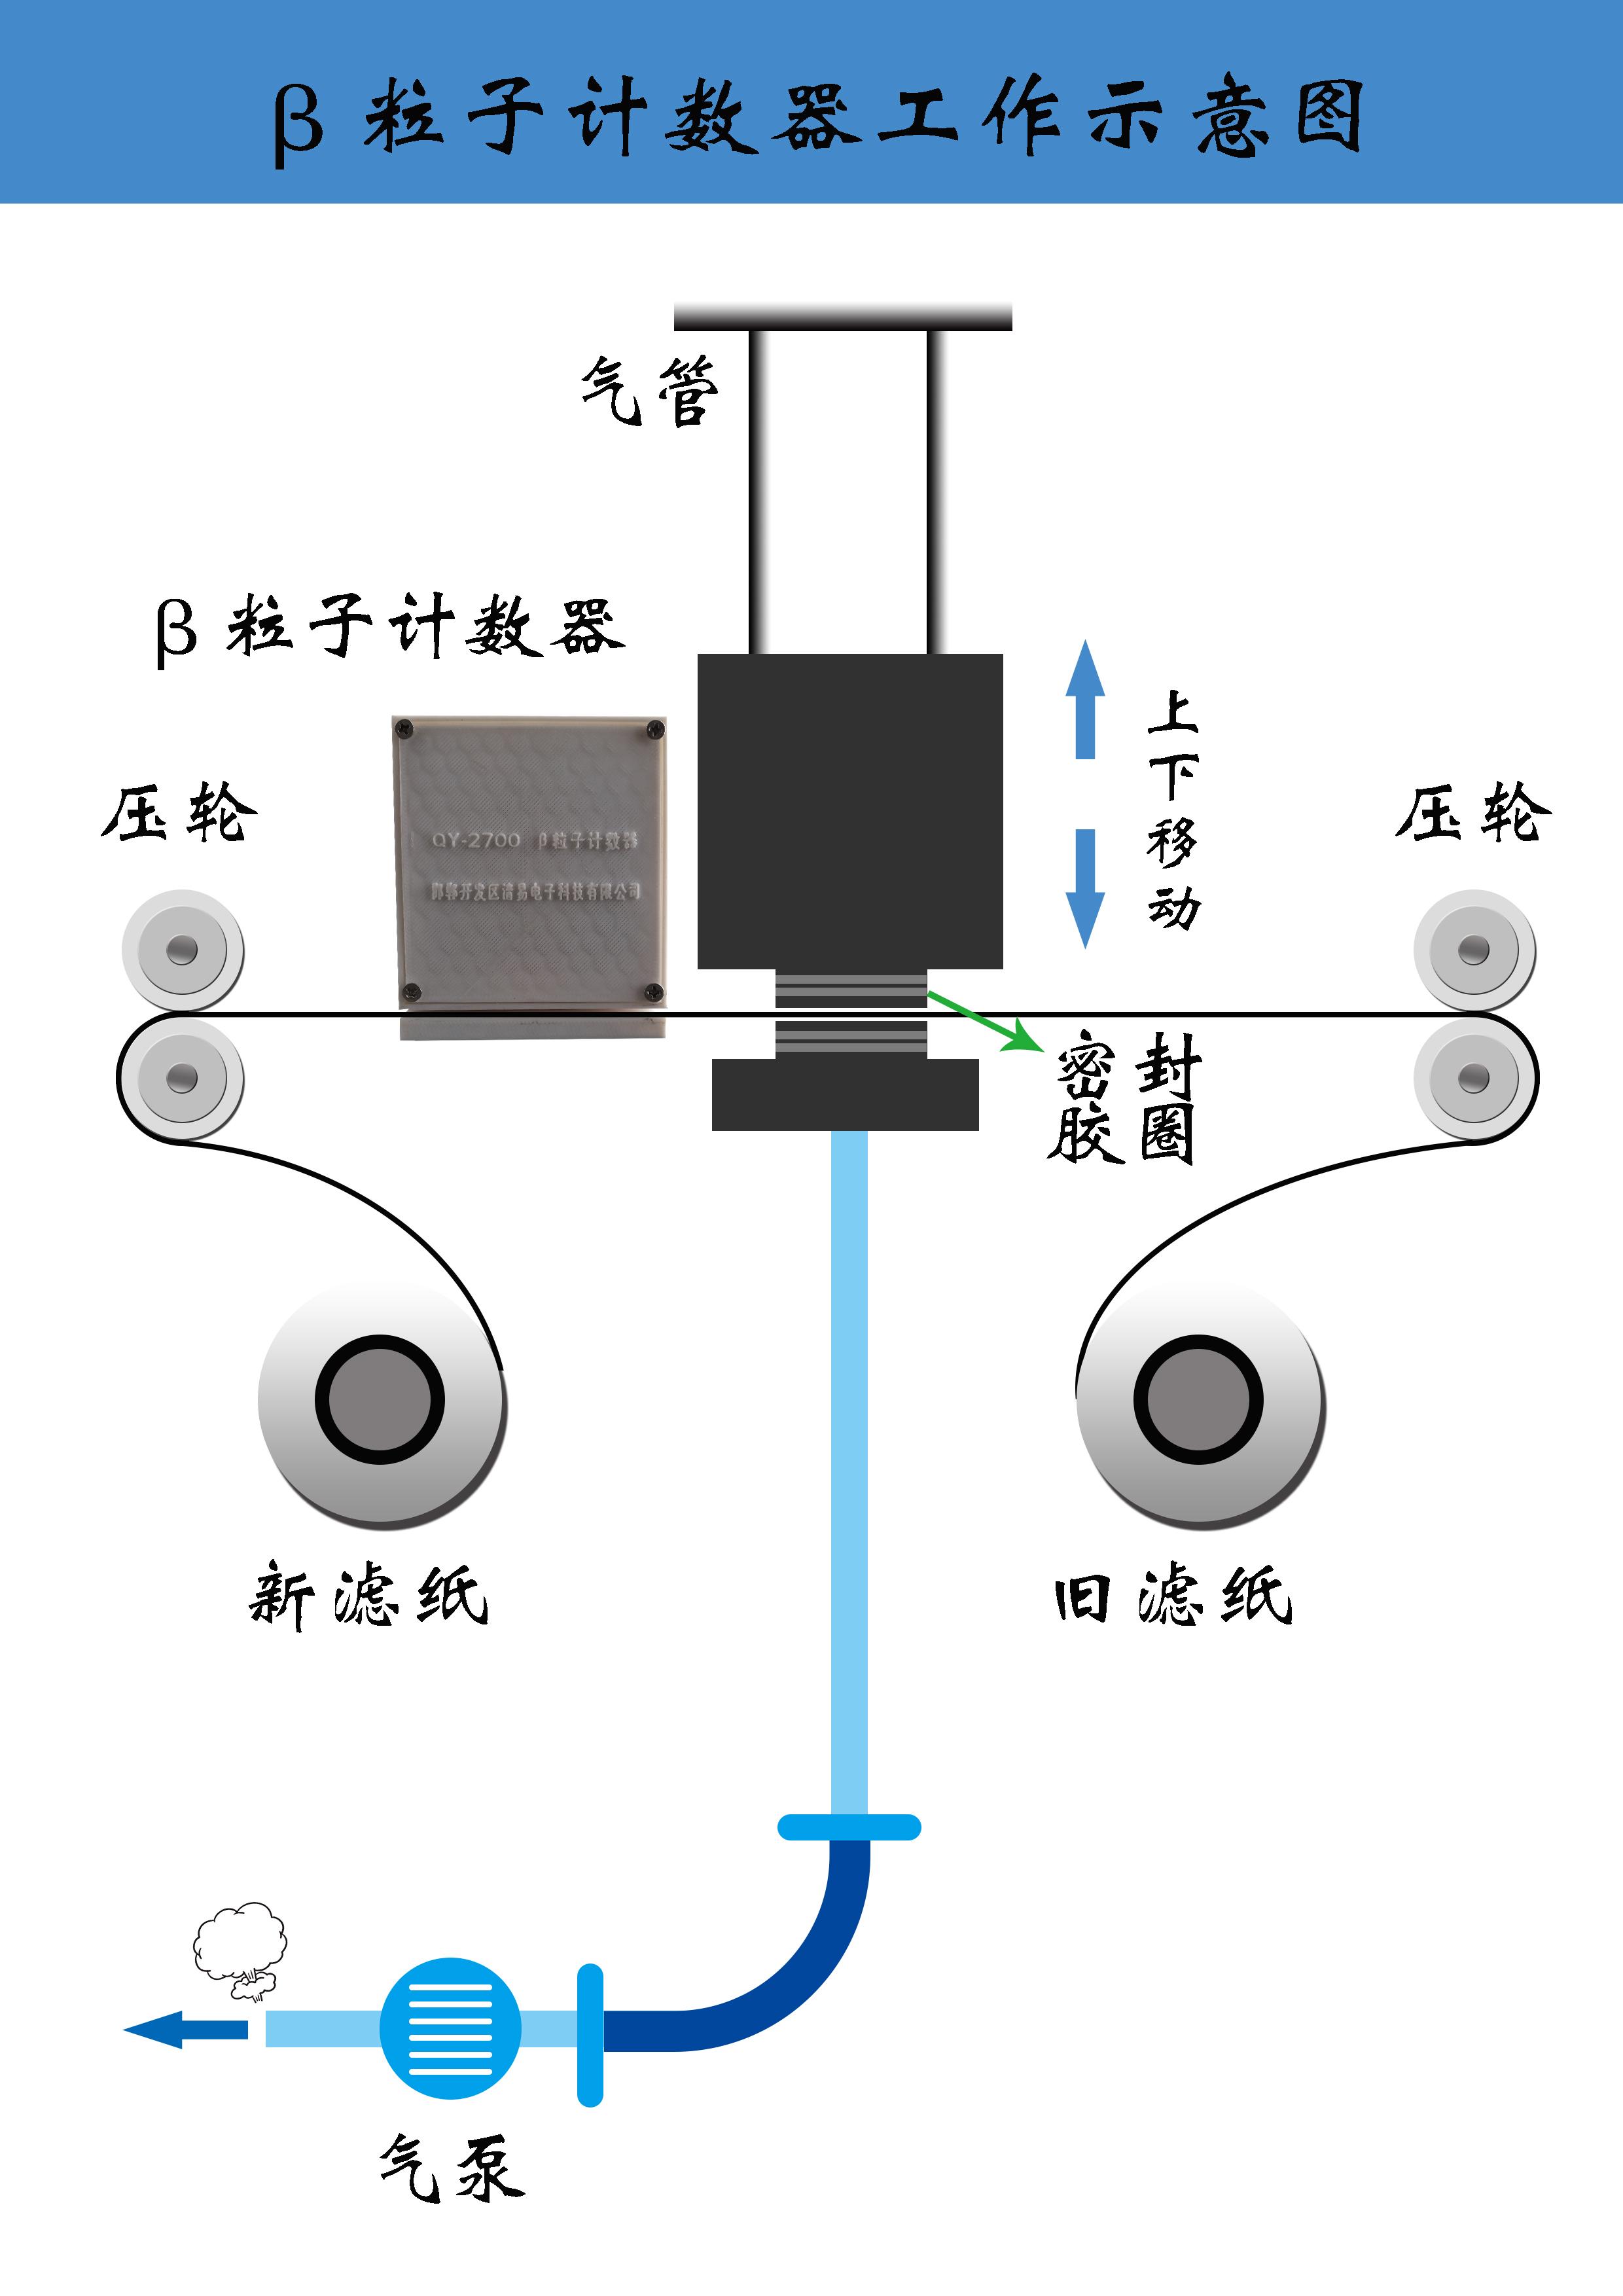 貝塔粒子示意圖.jpg